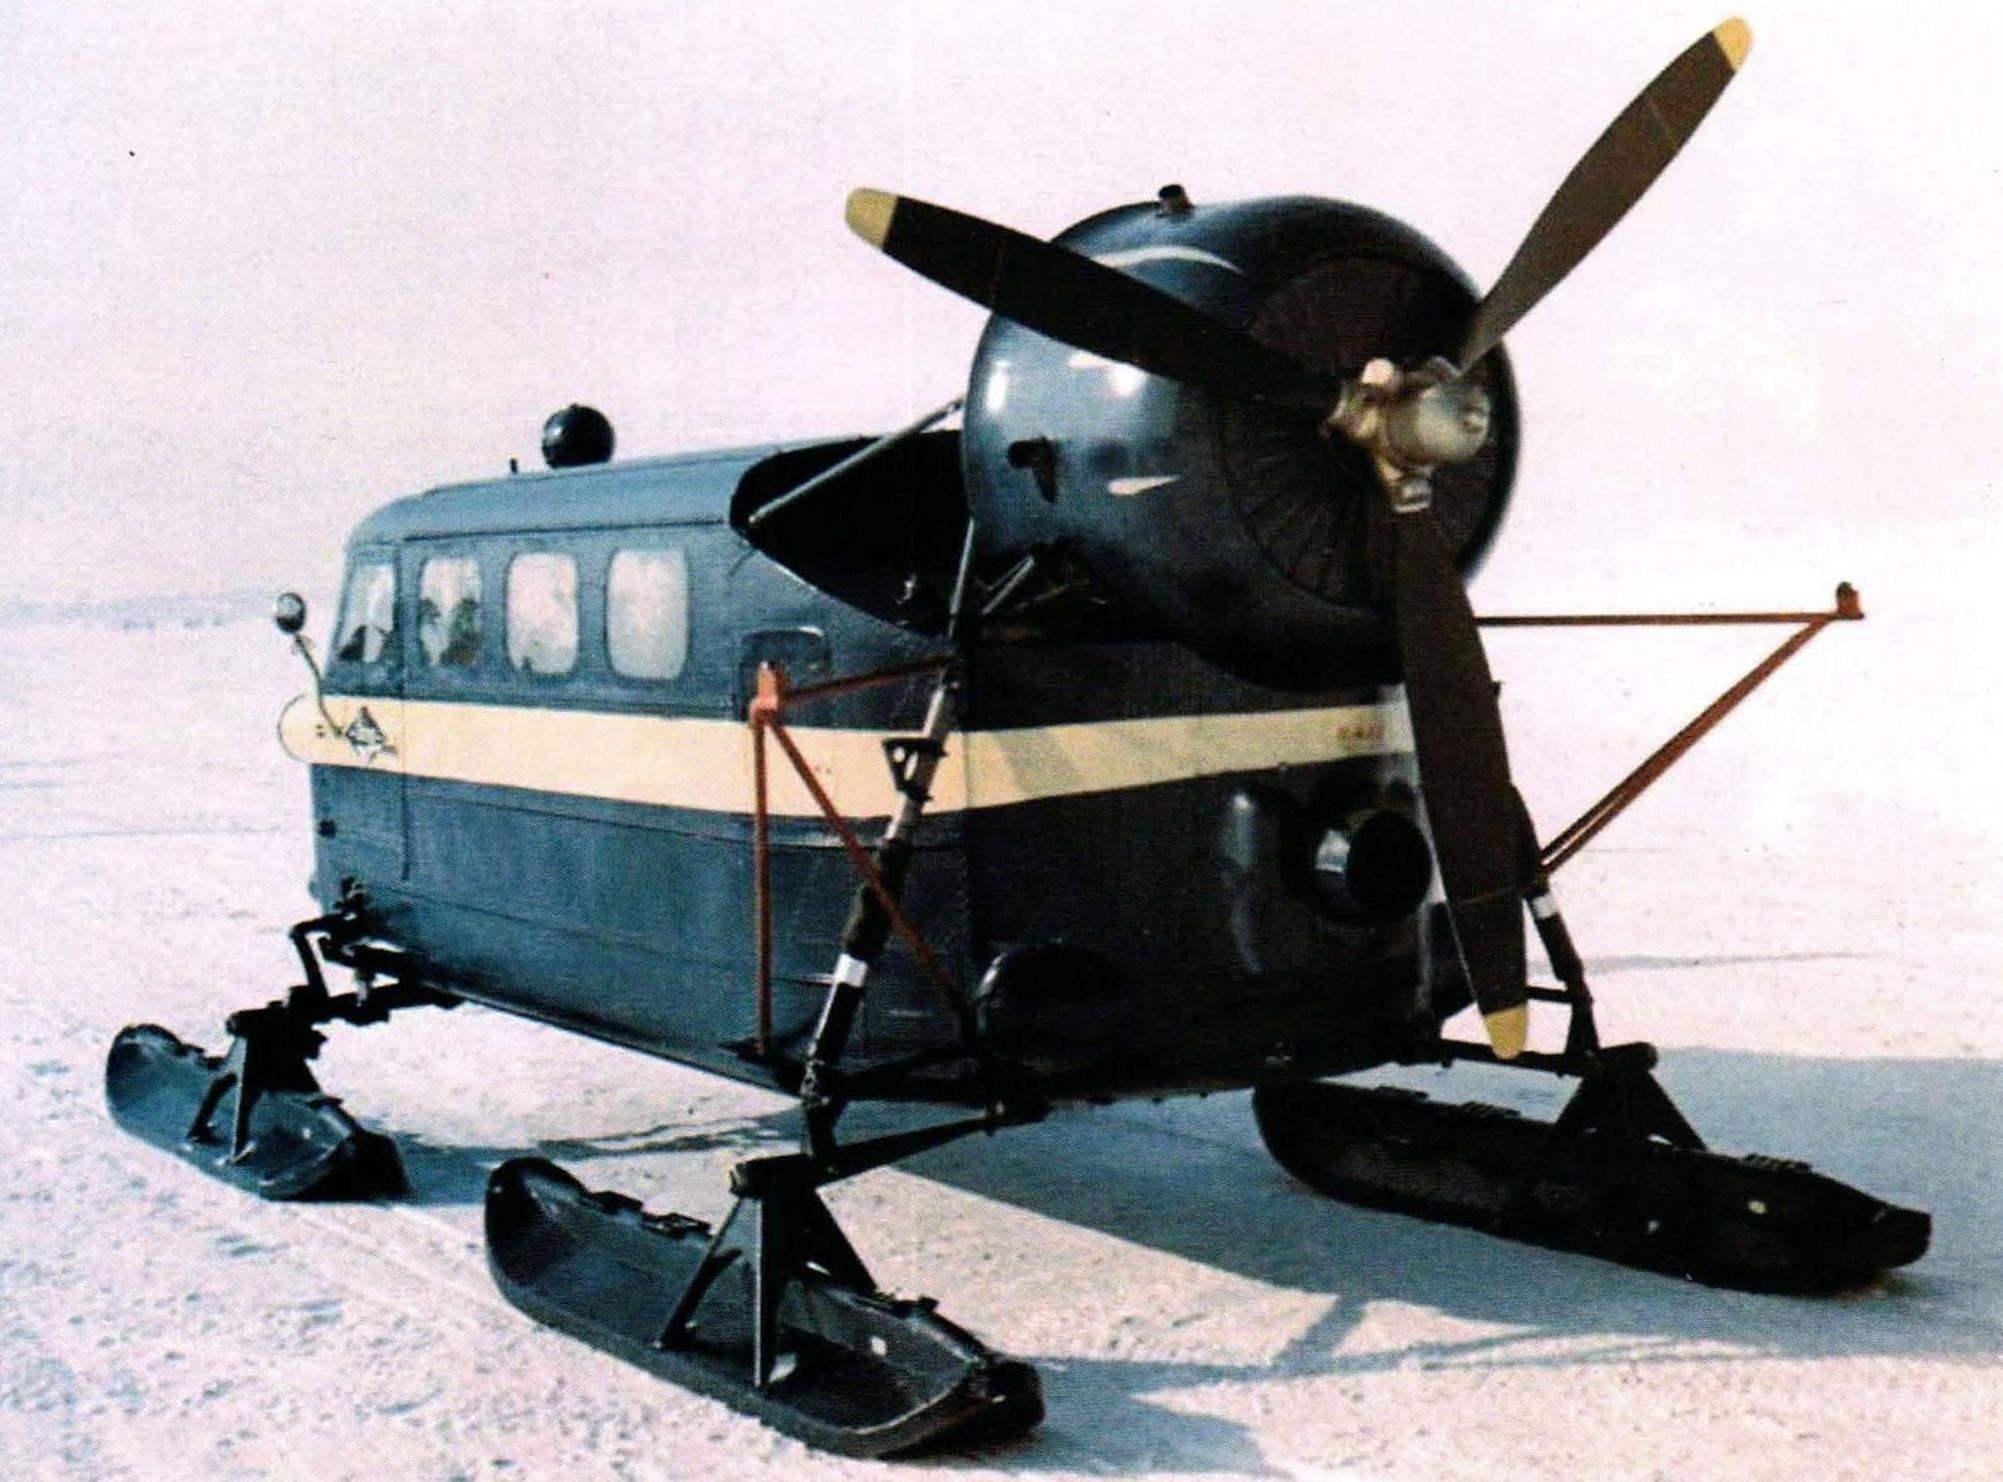 Ka-30 - ten-chetyrehlistnyj utility snowmobile